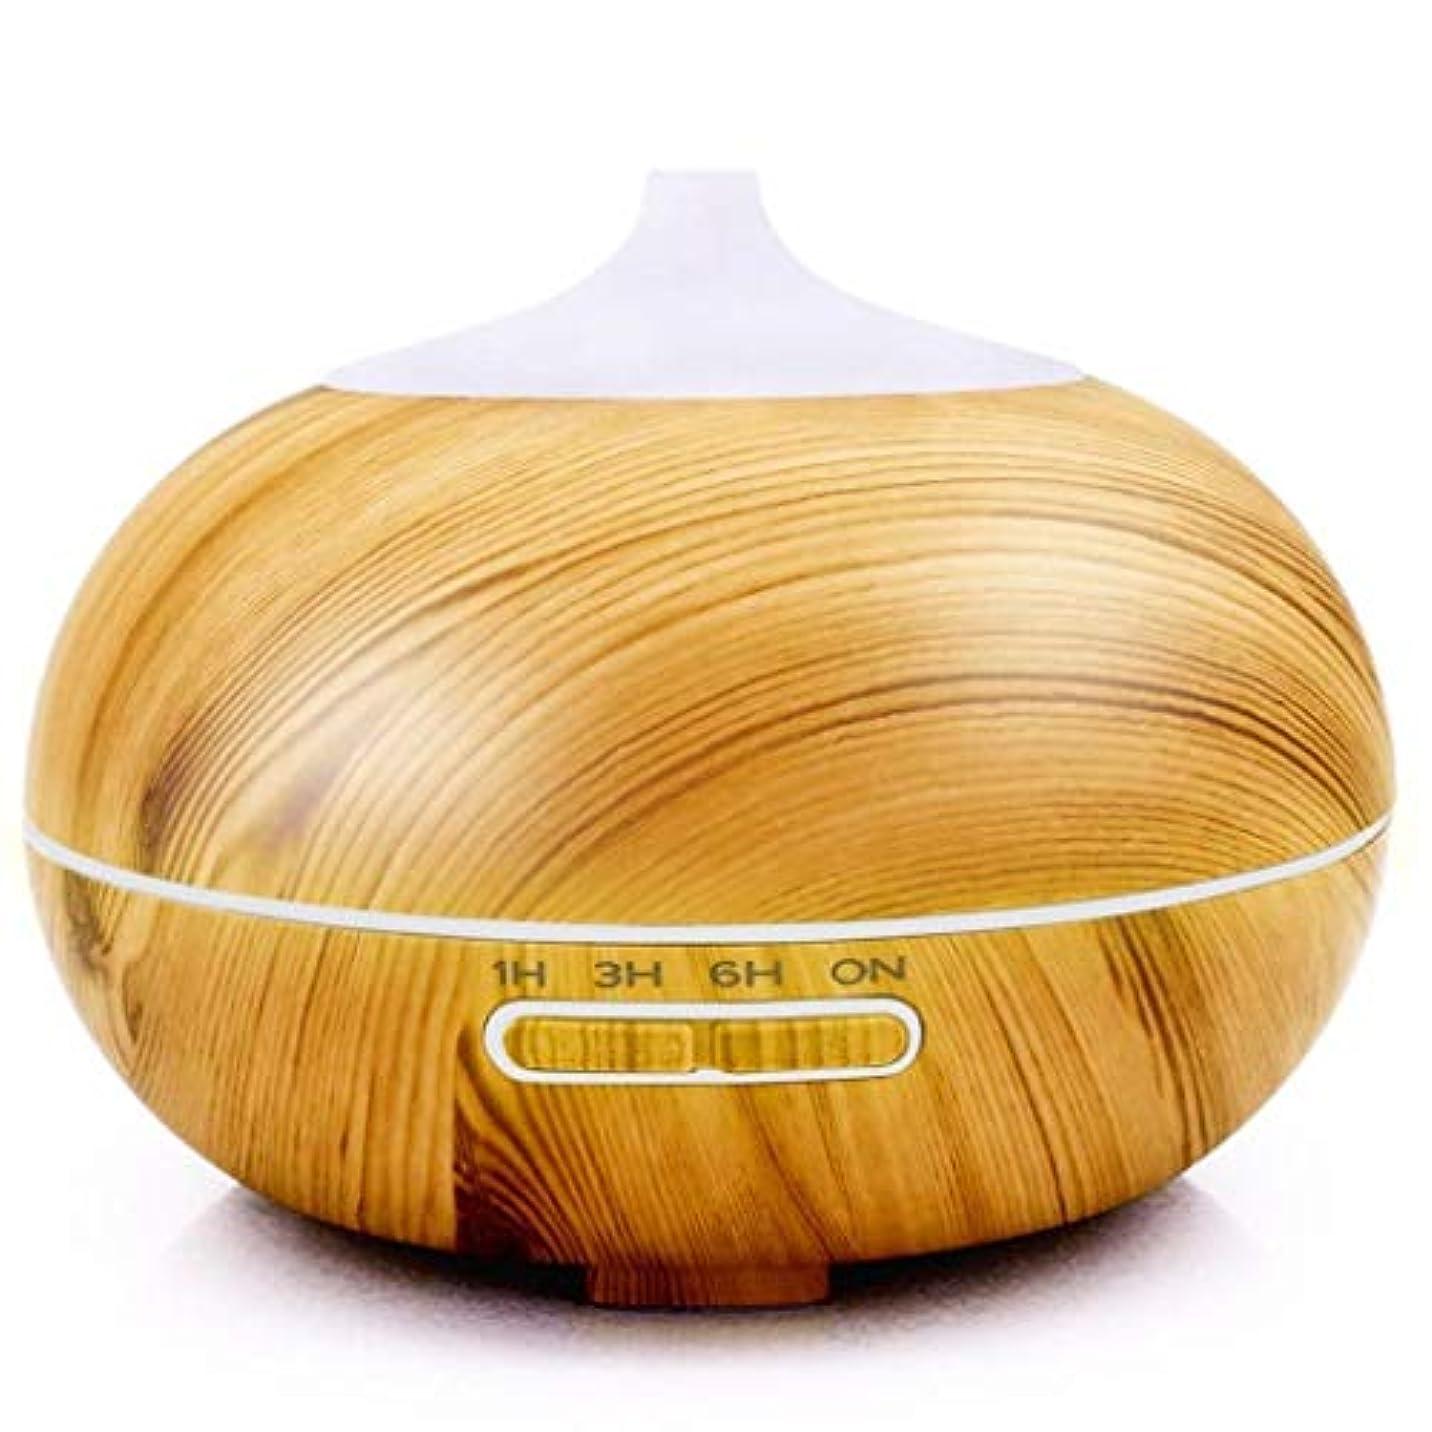 重々しい導入するスーツ300ミリリットルエッセンシャルオイルディフューザーアロマディフューザー木材穀物アロマディフューザーで7色ledライトウォーターレス自動シャットオフ用ホームオフィスヨガ (Color : Light Wood Grain)